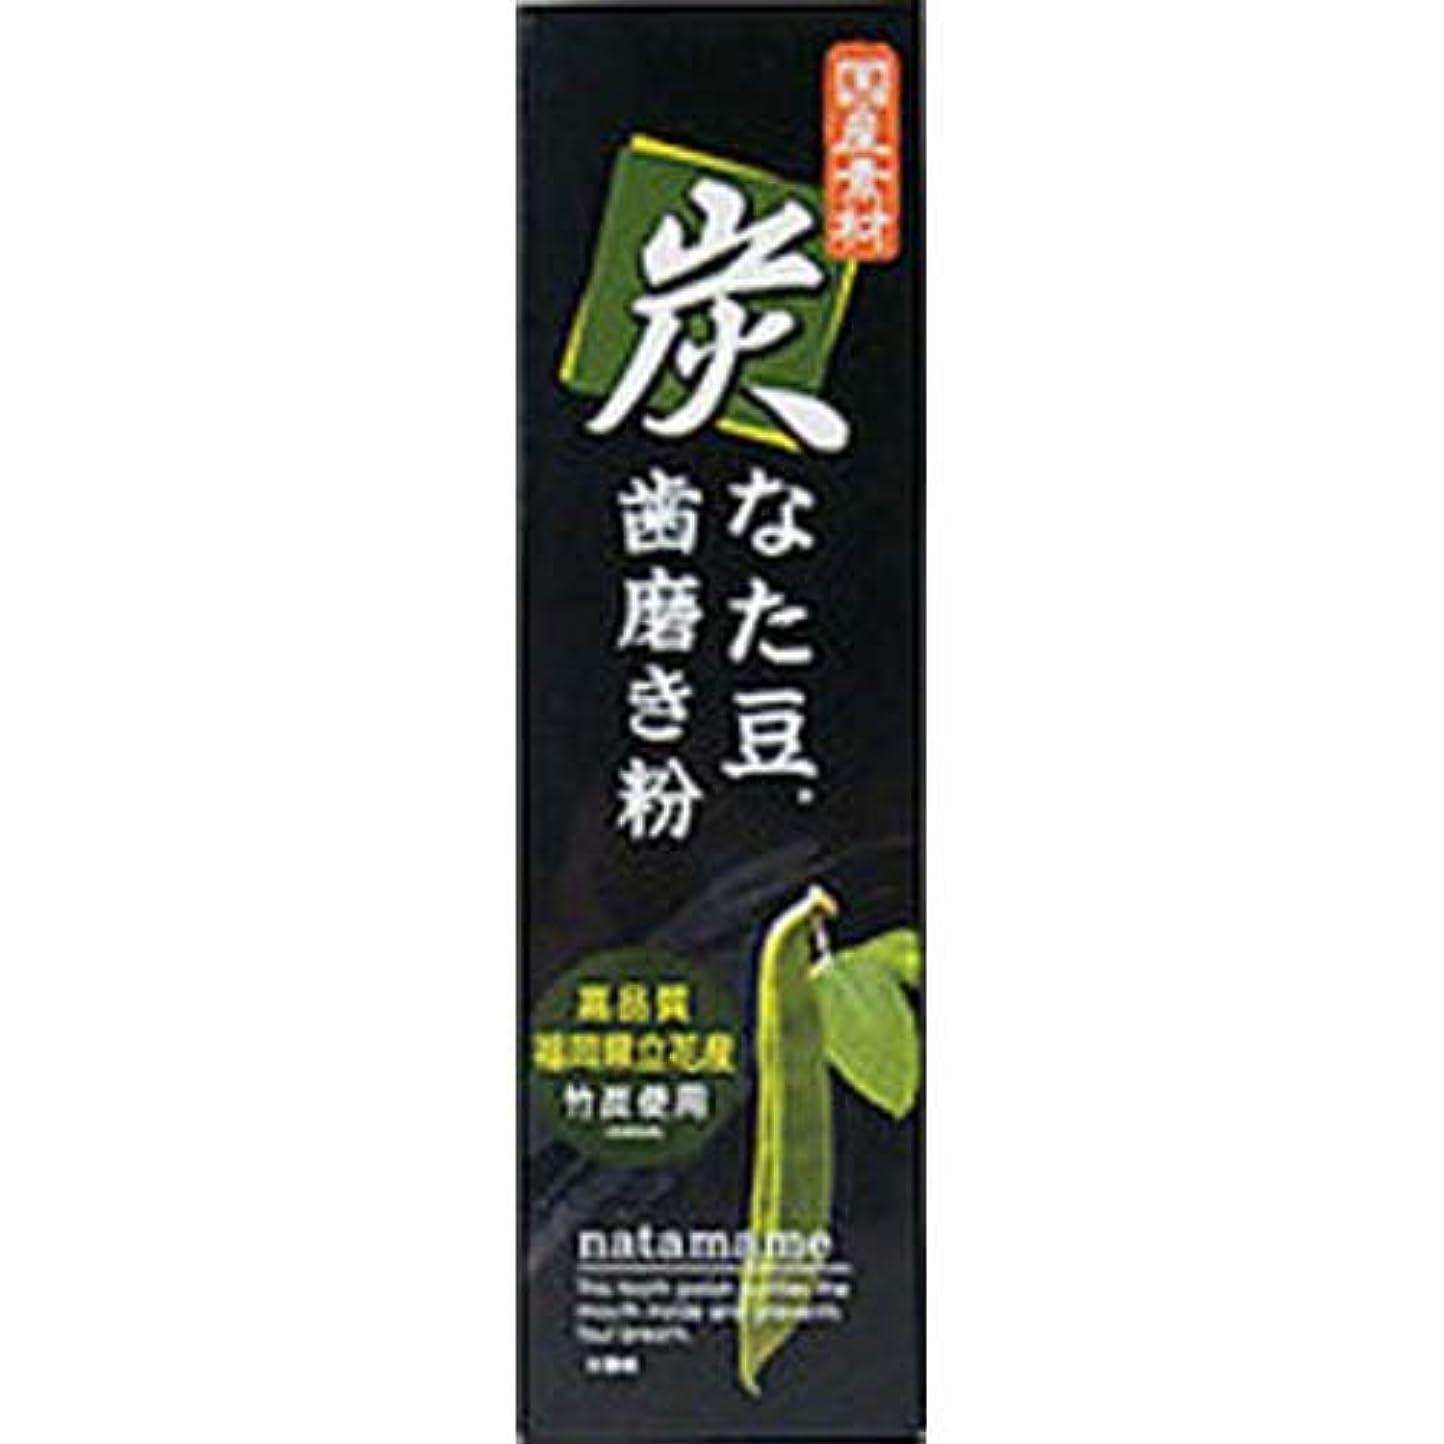 節約突破口振り子炭なた豆歯磨き粉 120g